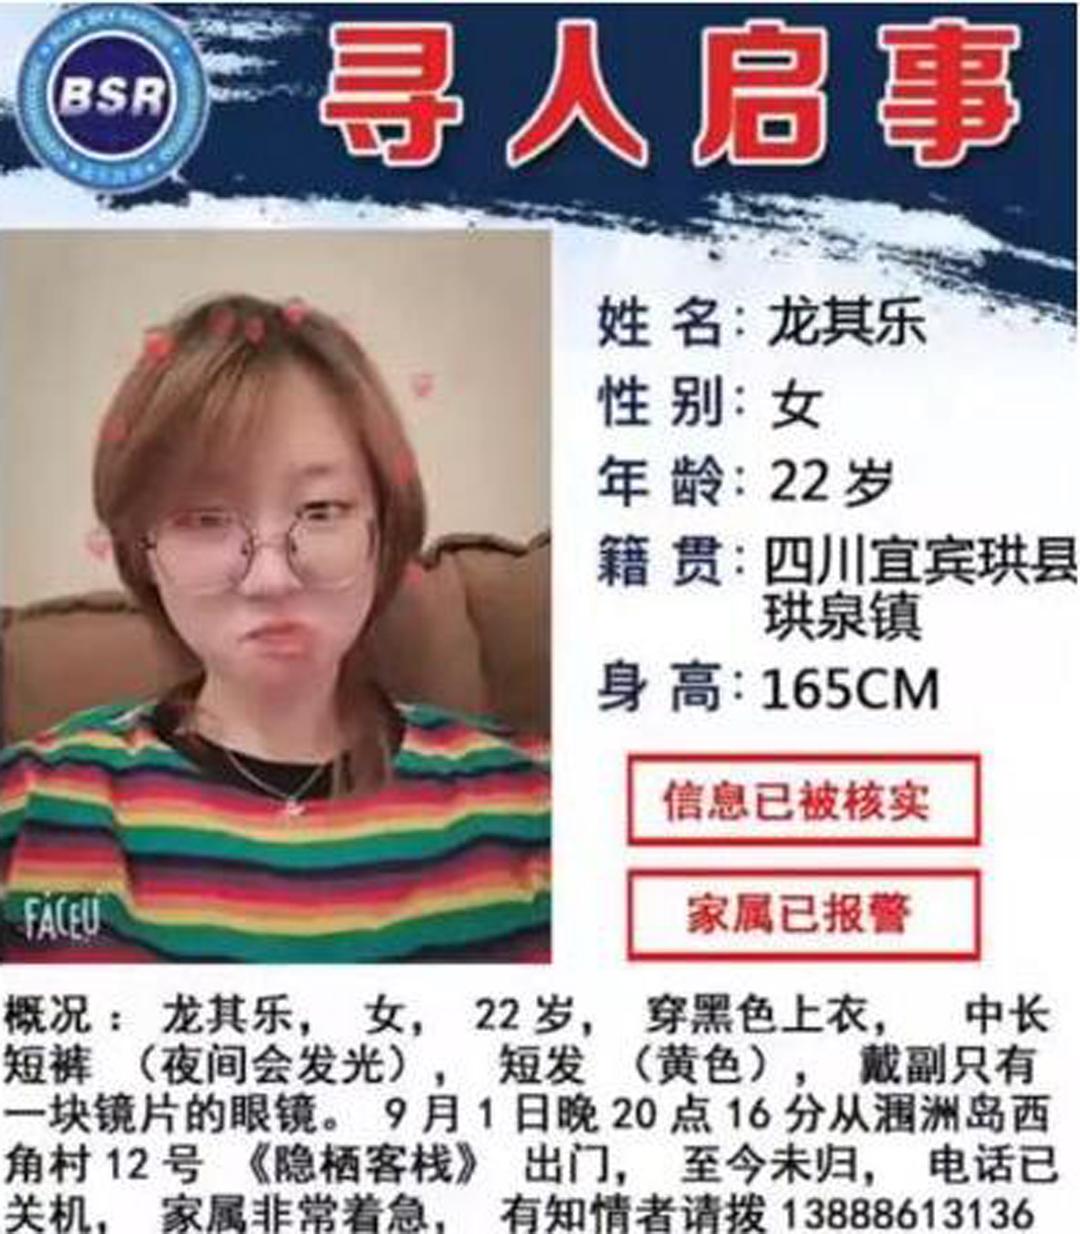 22岁女教师失联前监控聊天记录曝光 龙其乐是谁照片公布遇难了吗